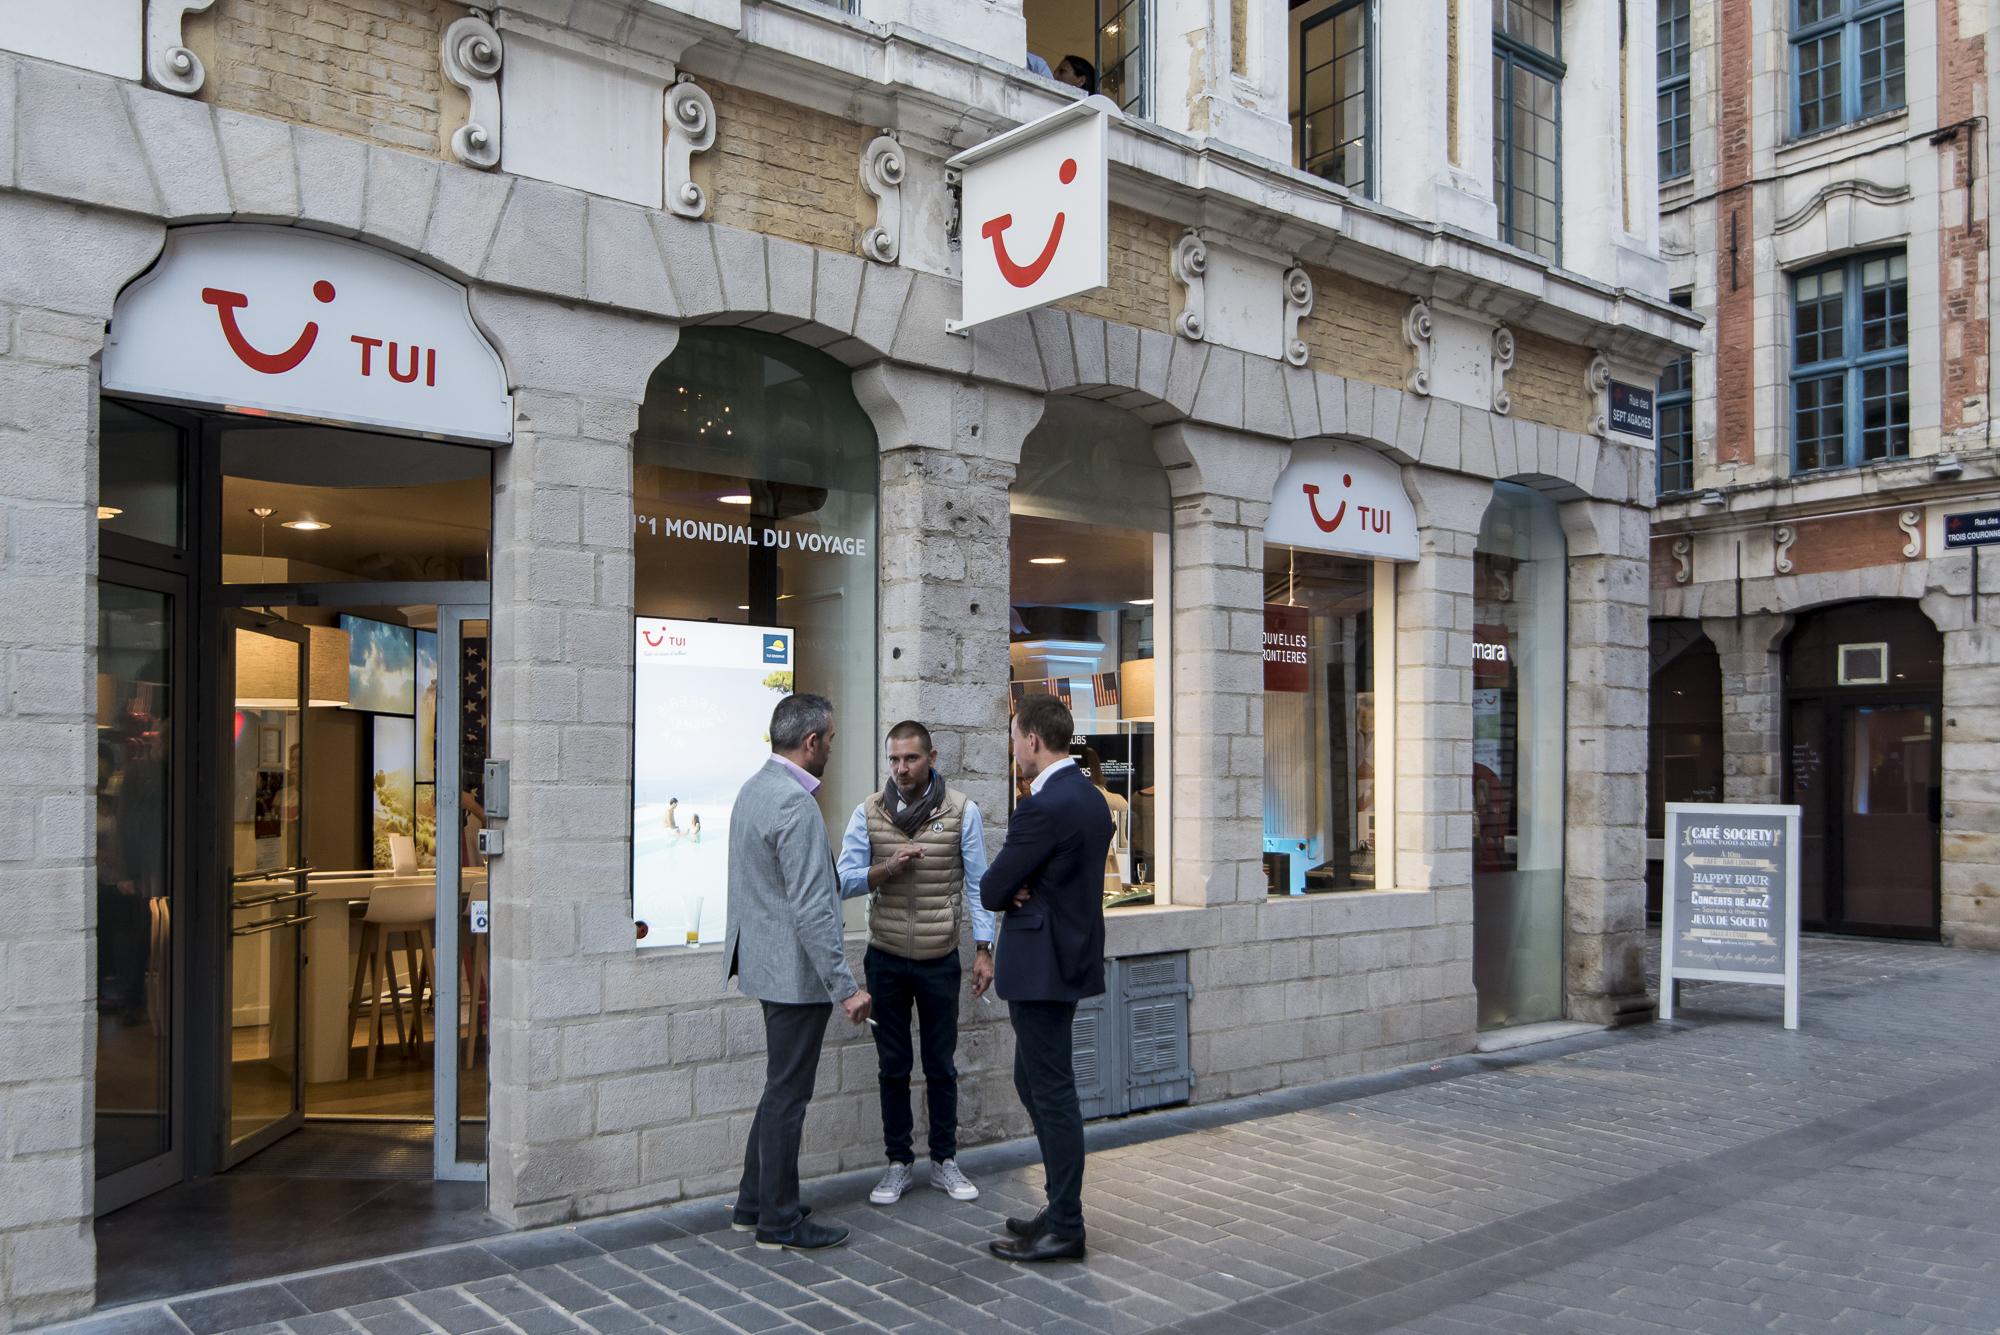 Tui_Lille-240